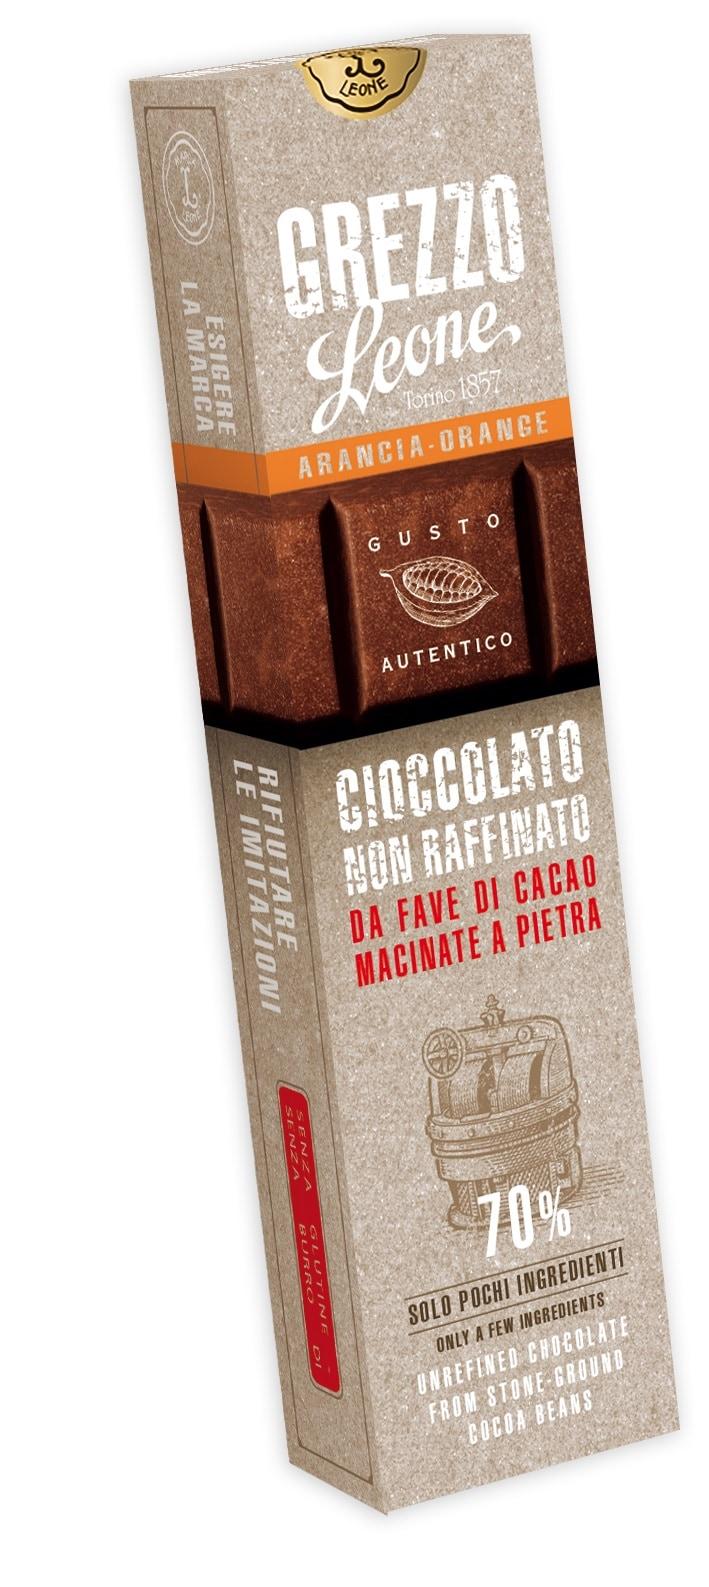 Leone Cioccolato Grezzo Arancia 55g